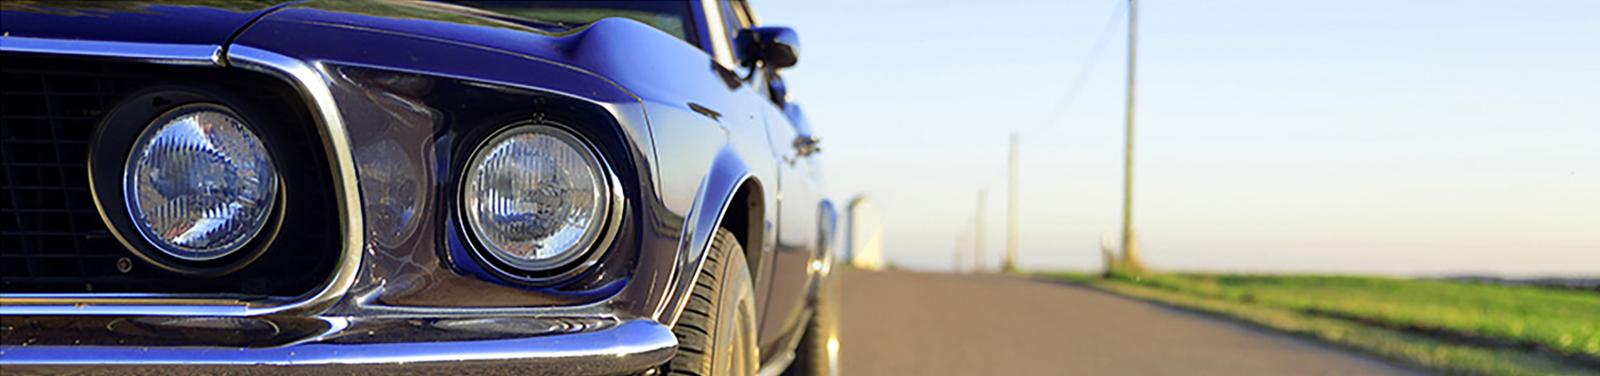 No Reserve Classics | eBay Motors